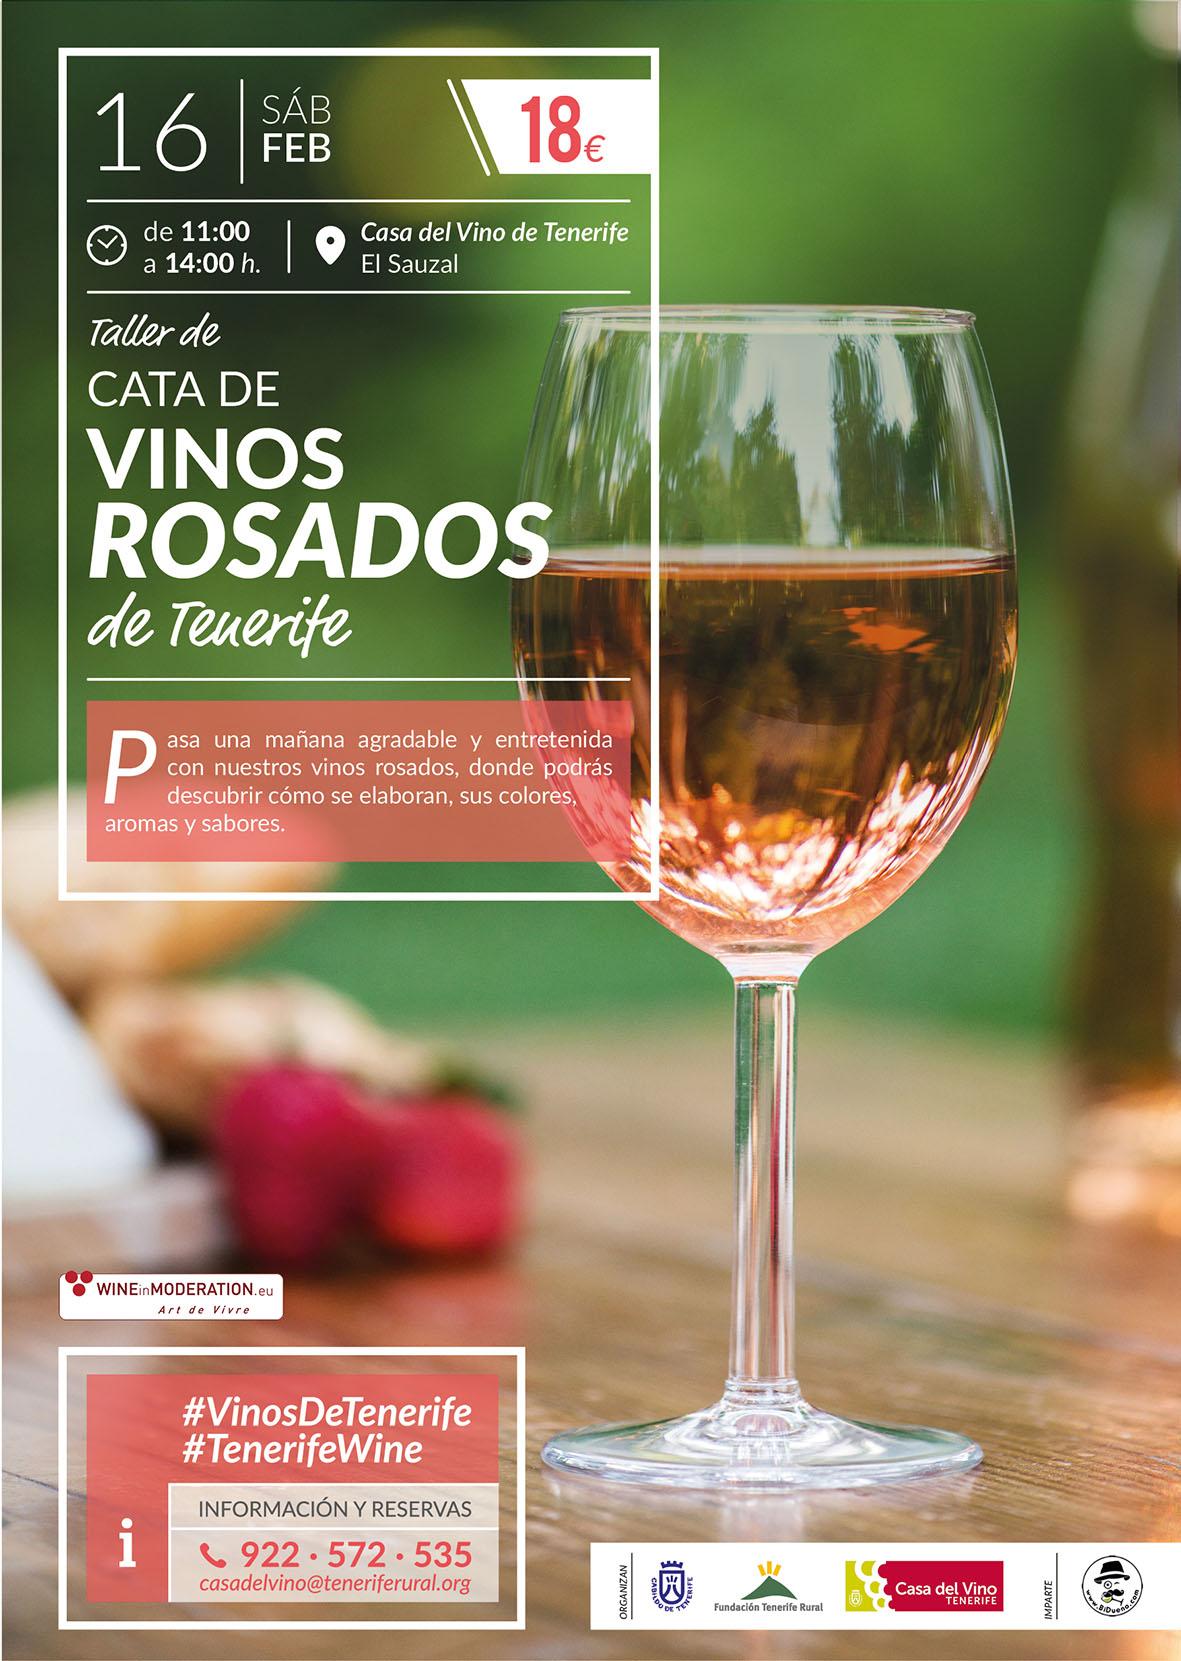 Vinos Rosados de Tenerife, una interesante cata en la Casa del Vino Tenerife